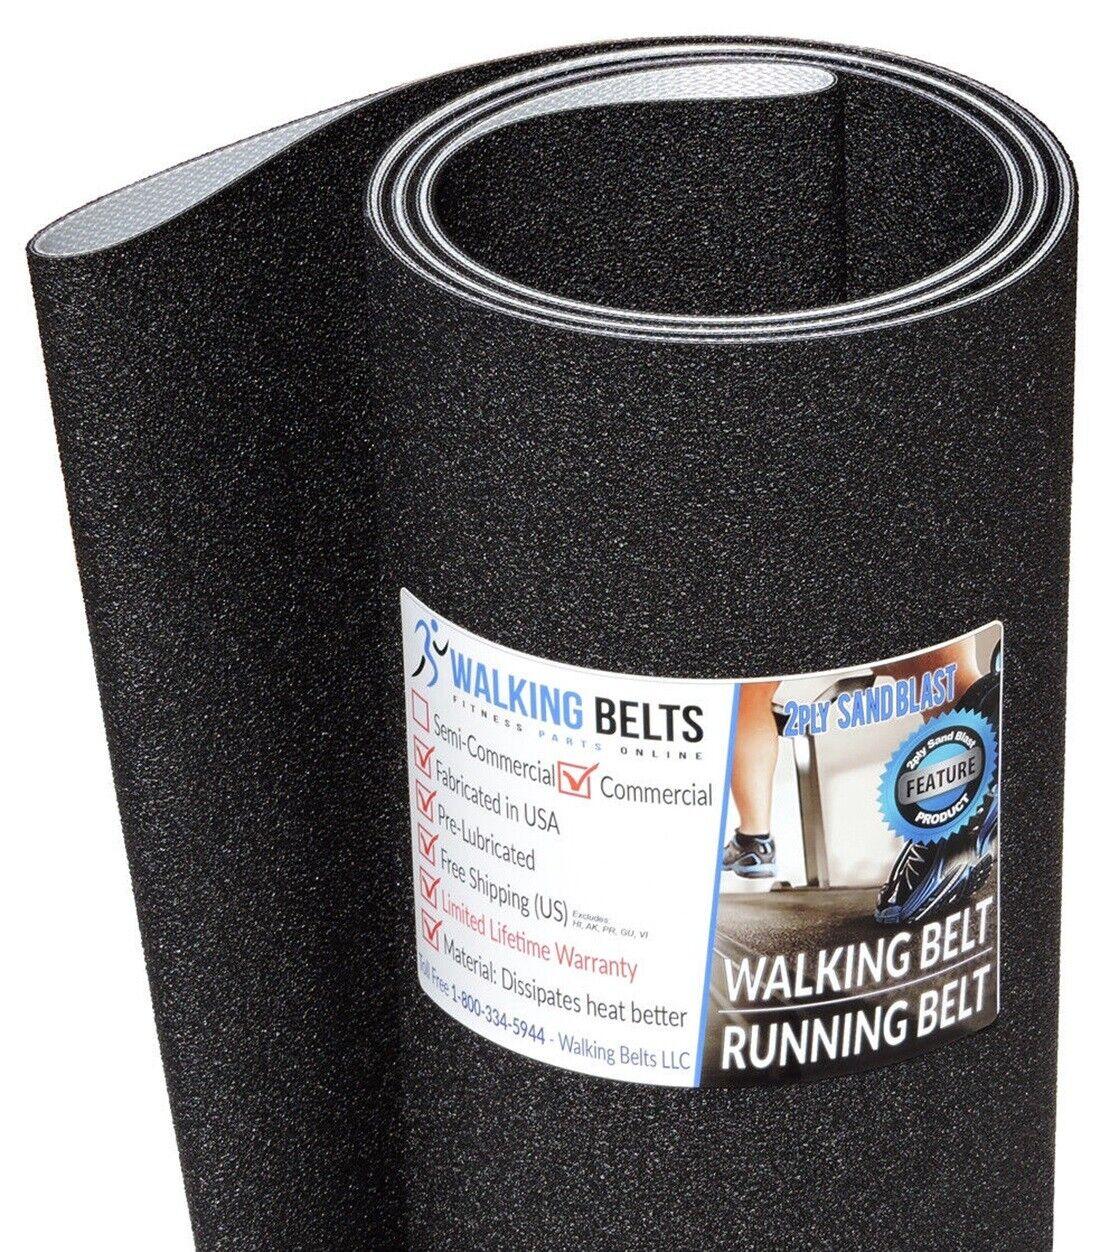 Precor C954i S N  XH Treadmill Running Belt Belt Belt 2-ply Sand Blast + Free 1oz Lube 76b2f6